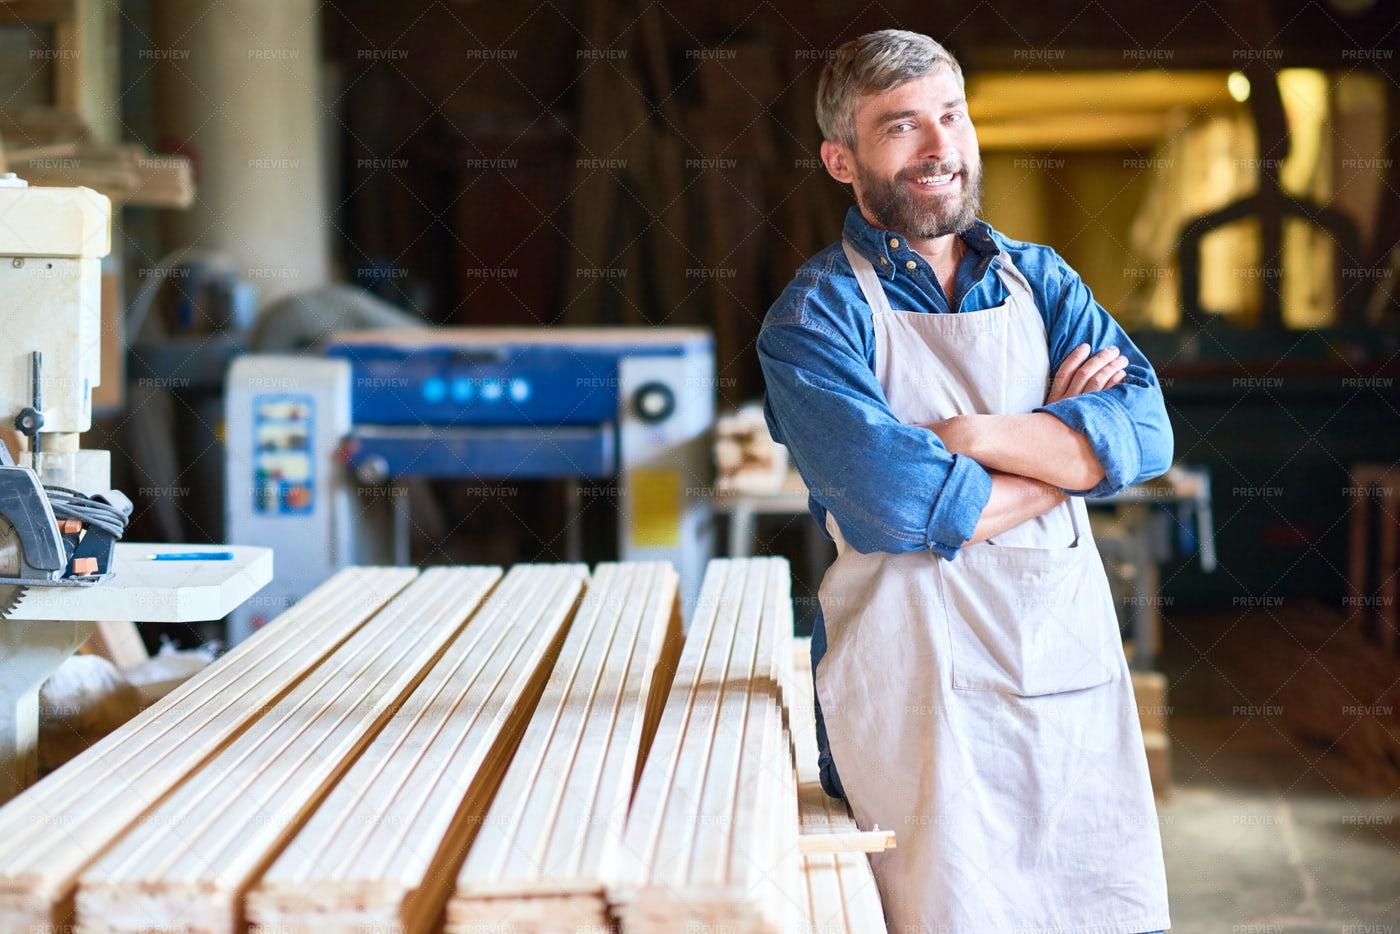 Successful Carpenter Posing In...: Stock Photos